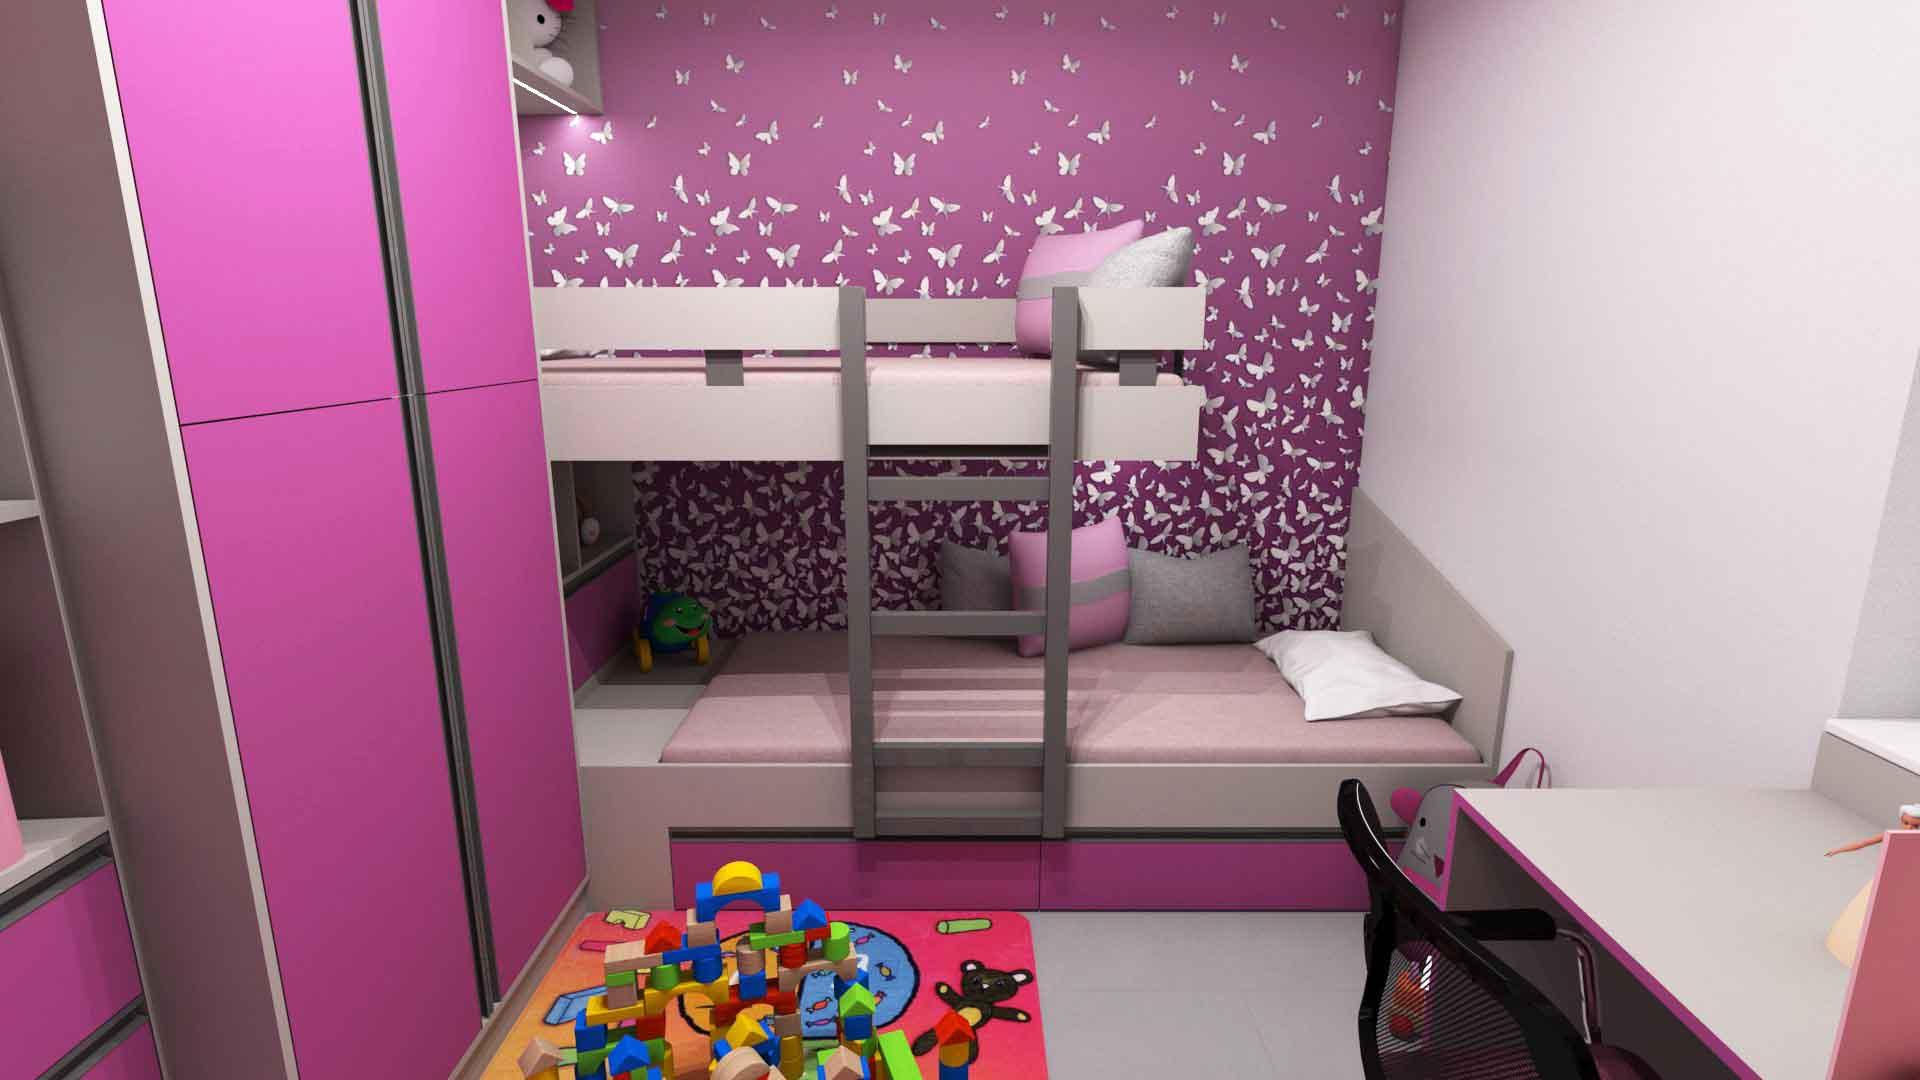 Dětské pokoje - Dětský pokojík pro dvě holky s patrovou postelí. I v malém prostoru se dá vyřešit pokojík pro dvě děti. Šedo - růžová kombinace tomuto pokojíku velmi prospěla.